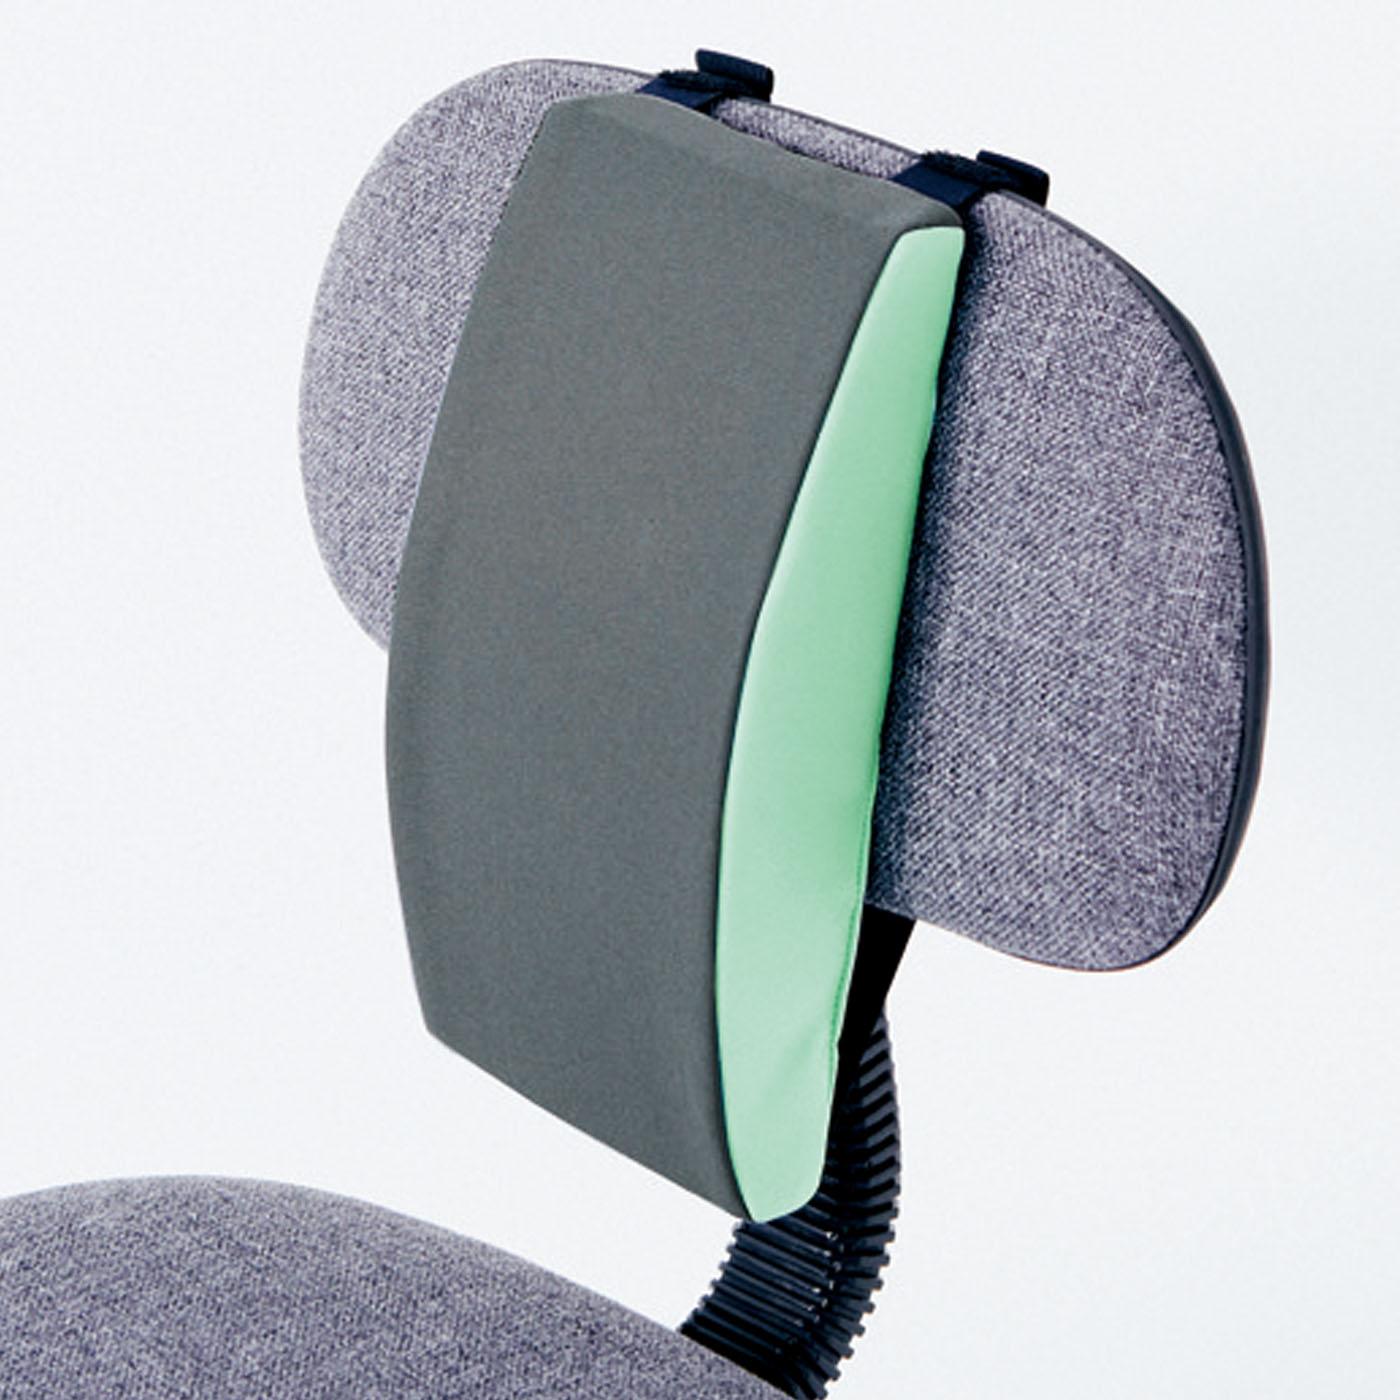 伸びる平ゴムと面ファスナーで、いすの背もたれに簡単装着。